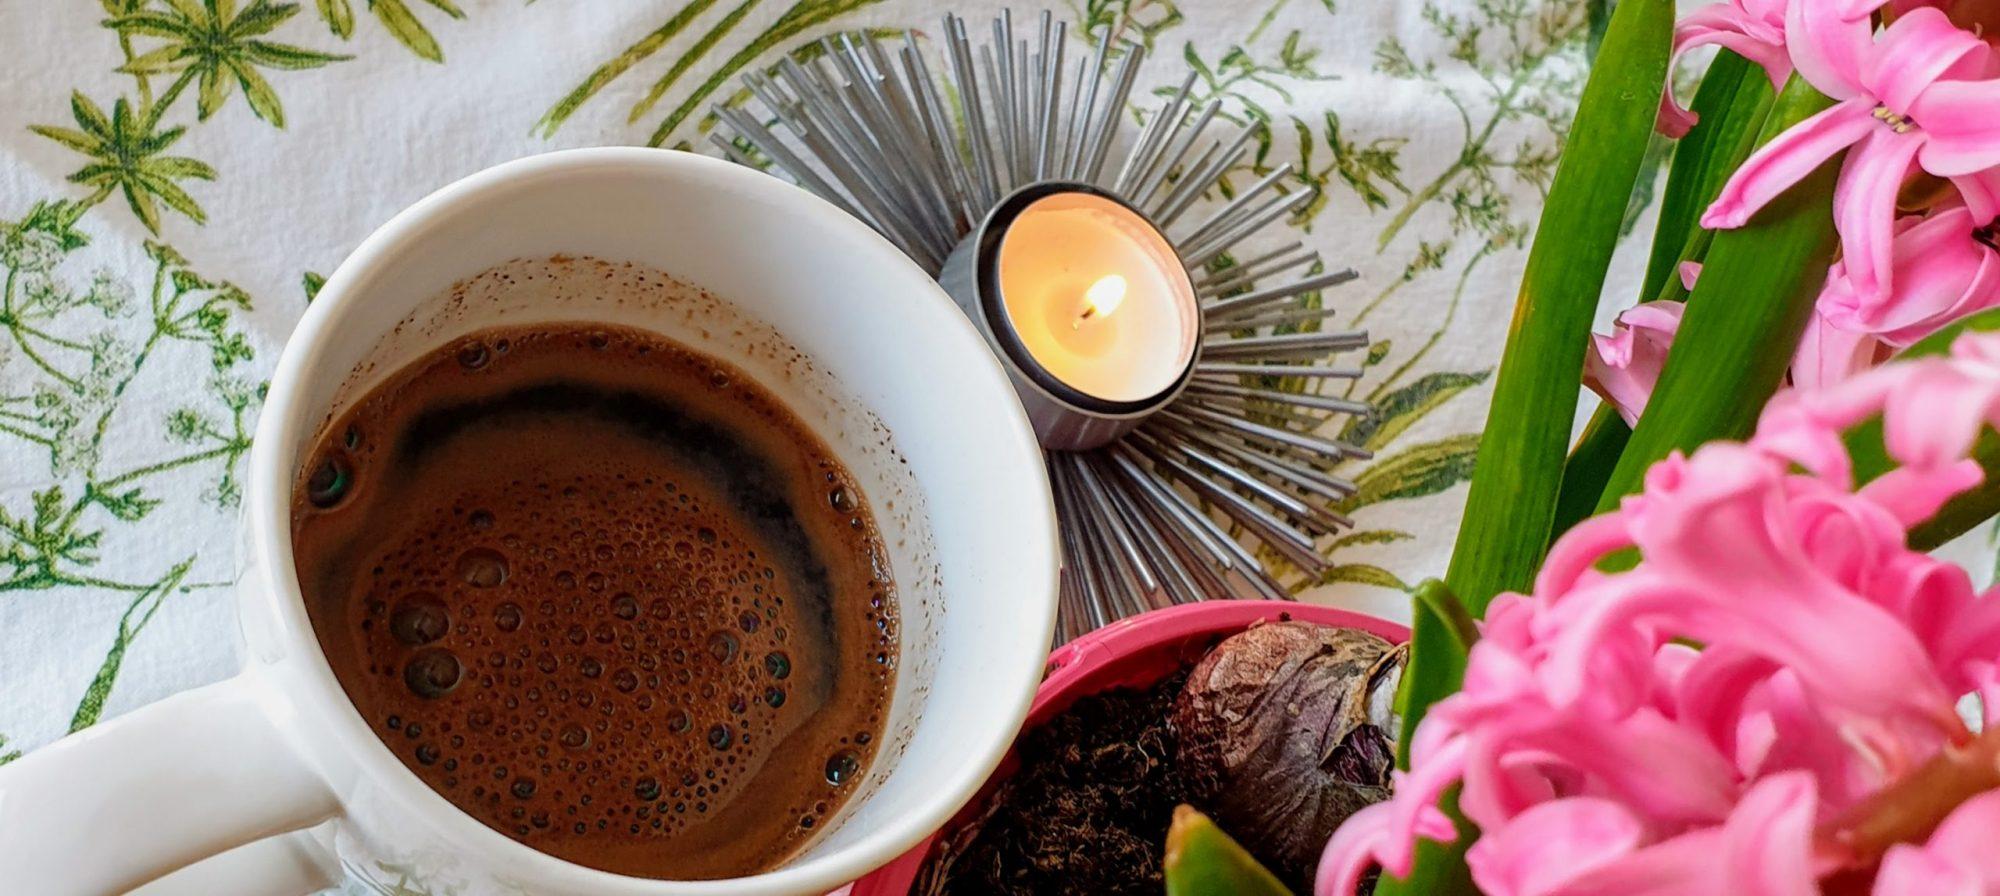 kahvi banner